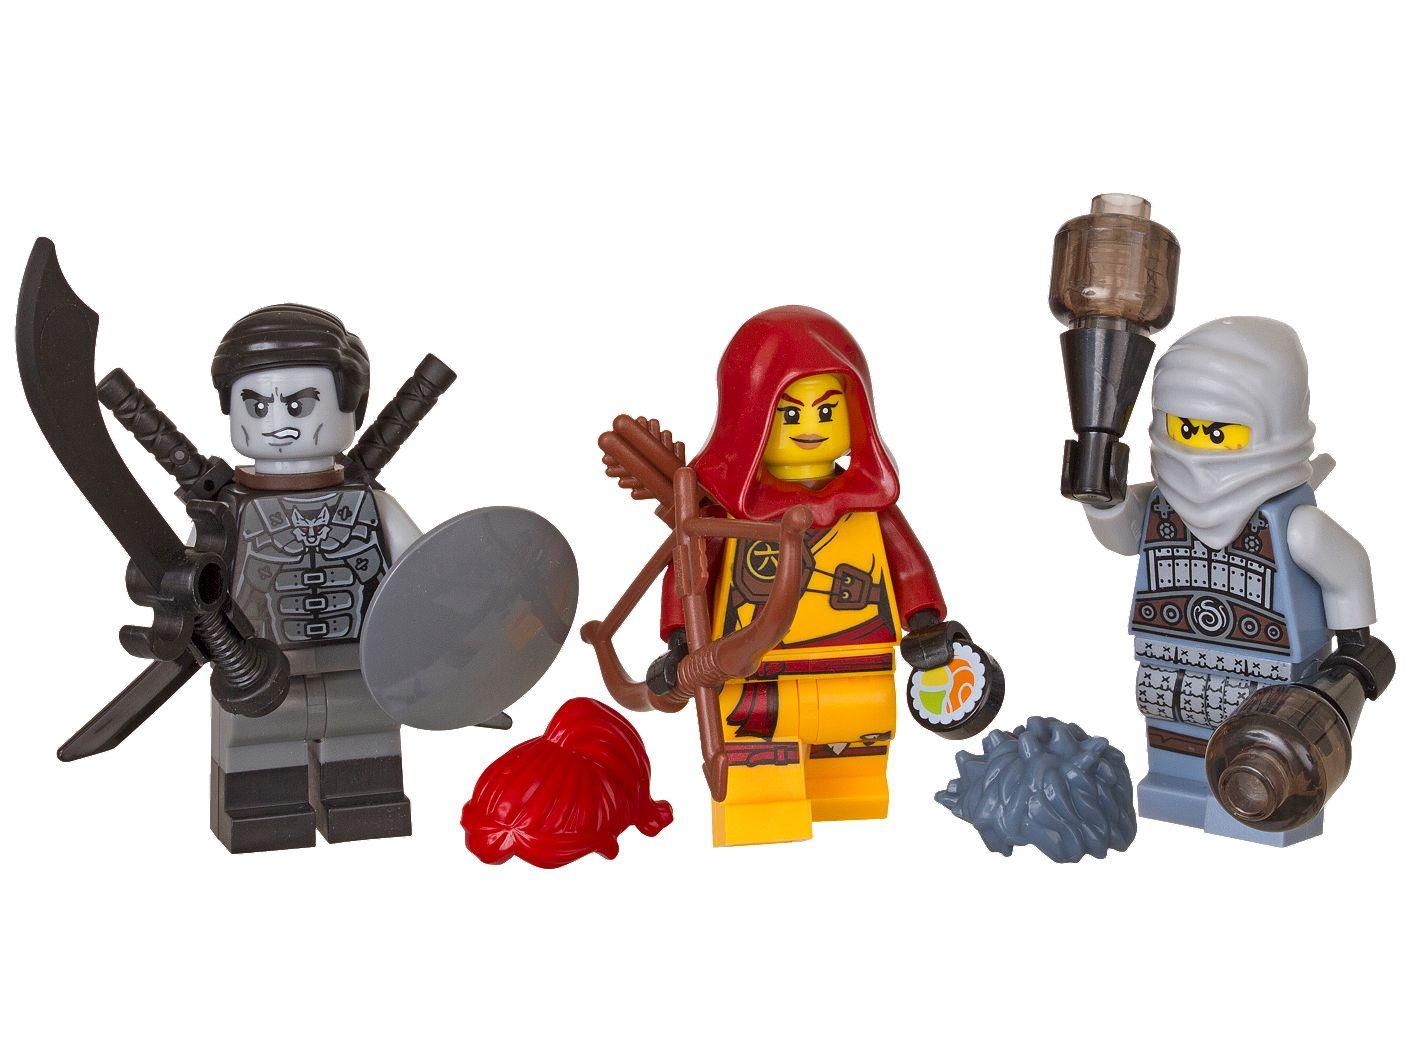 Lego Ninjago Accessory Set 853687 Ninjago Lego Shop